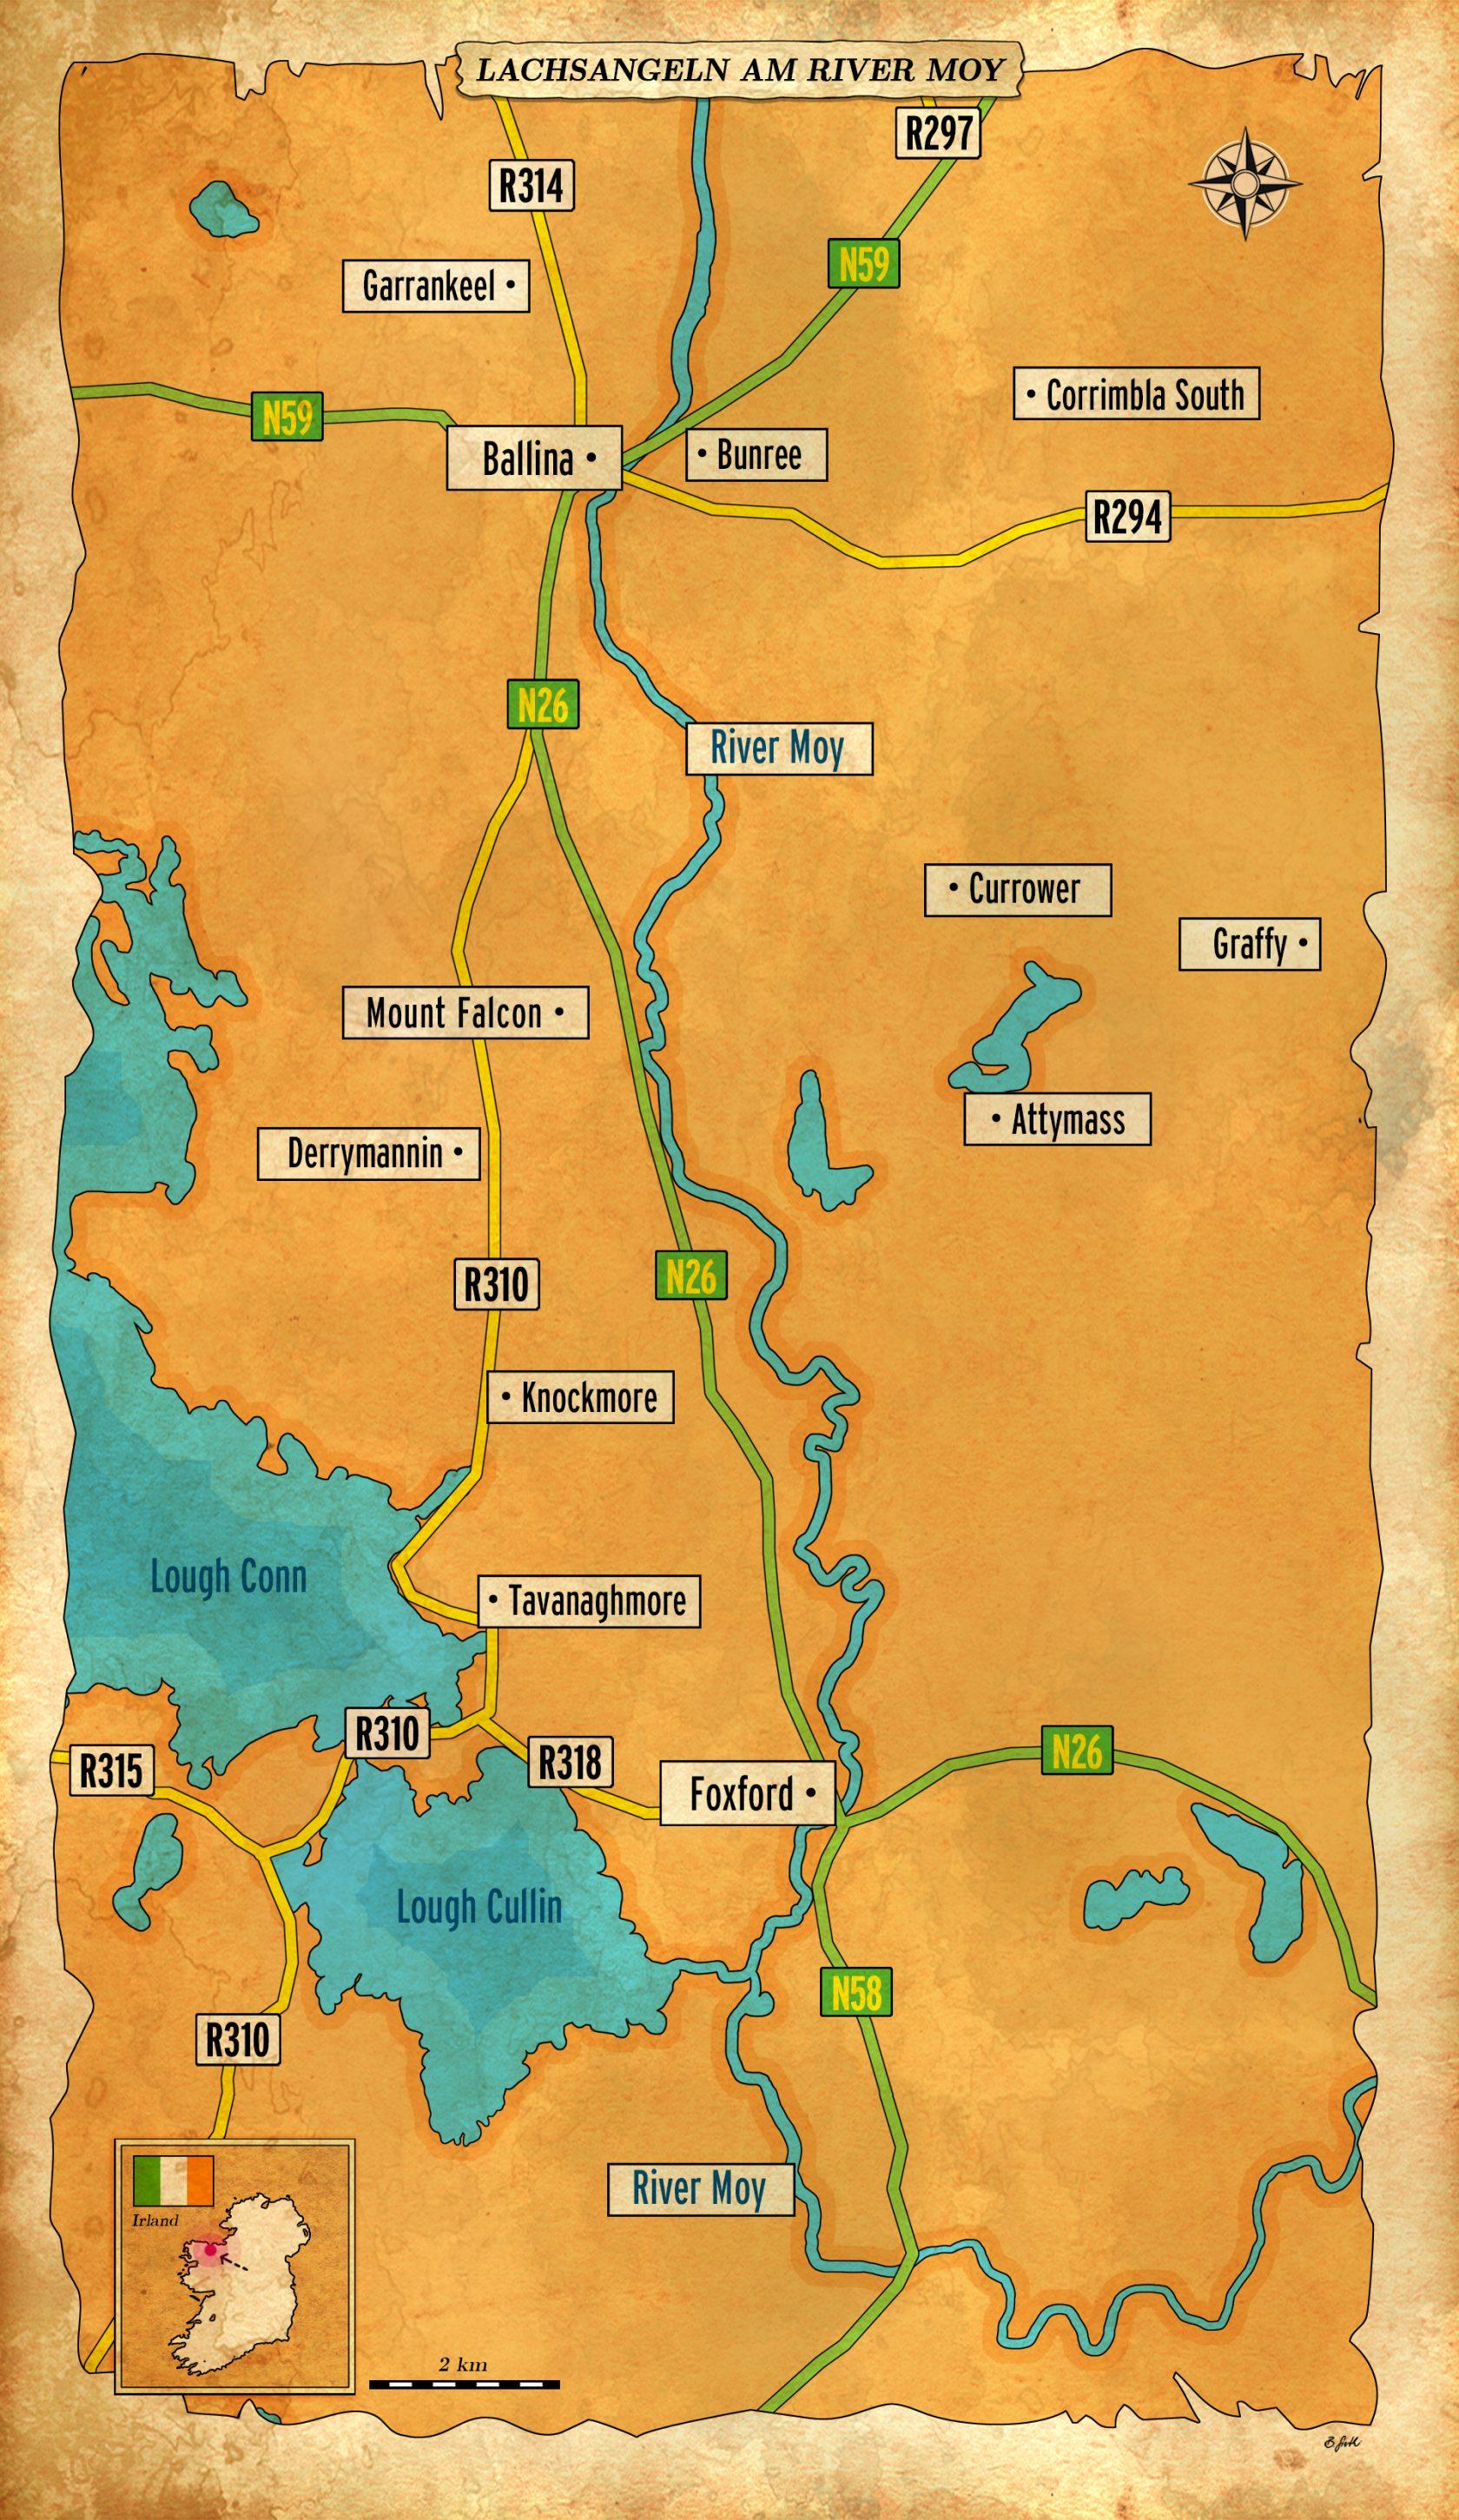 Karte vom Lachsangeln am River Moy